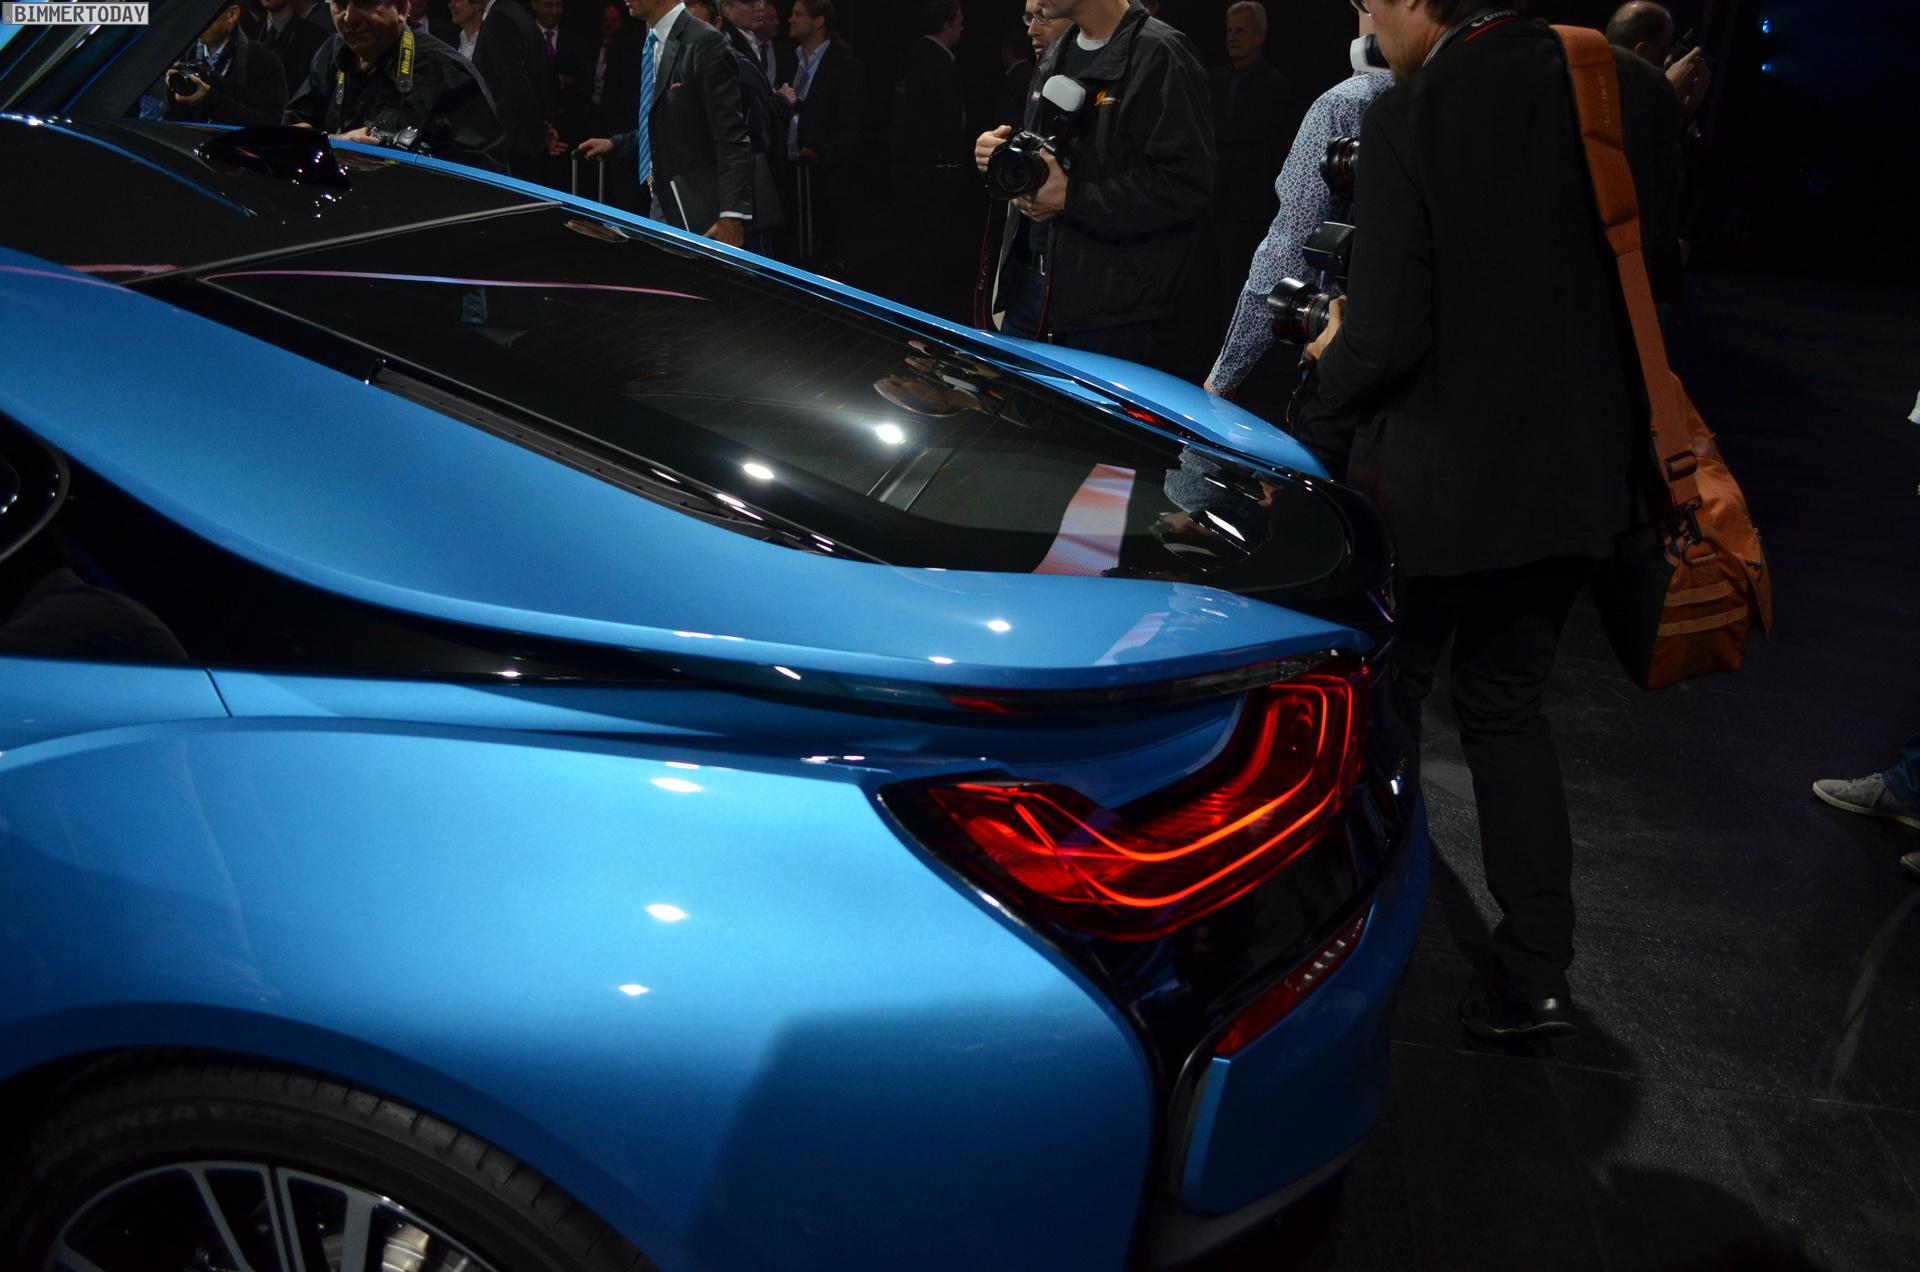 2013 - [BMW] i8 [i12] - Page 13 BMW-i8-Hybrid-eDrive-Weltpremiere-Protonic-Blue-IAA-2013-LIVE-15